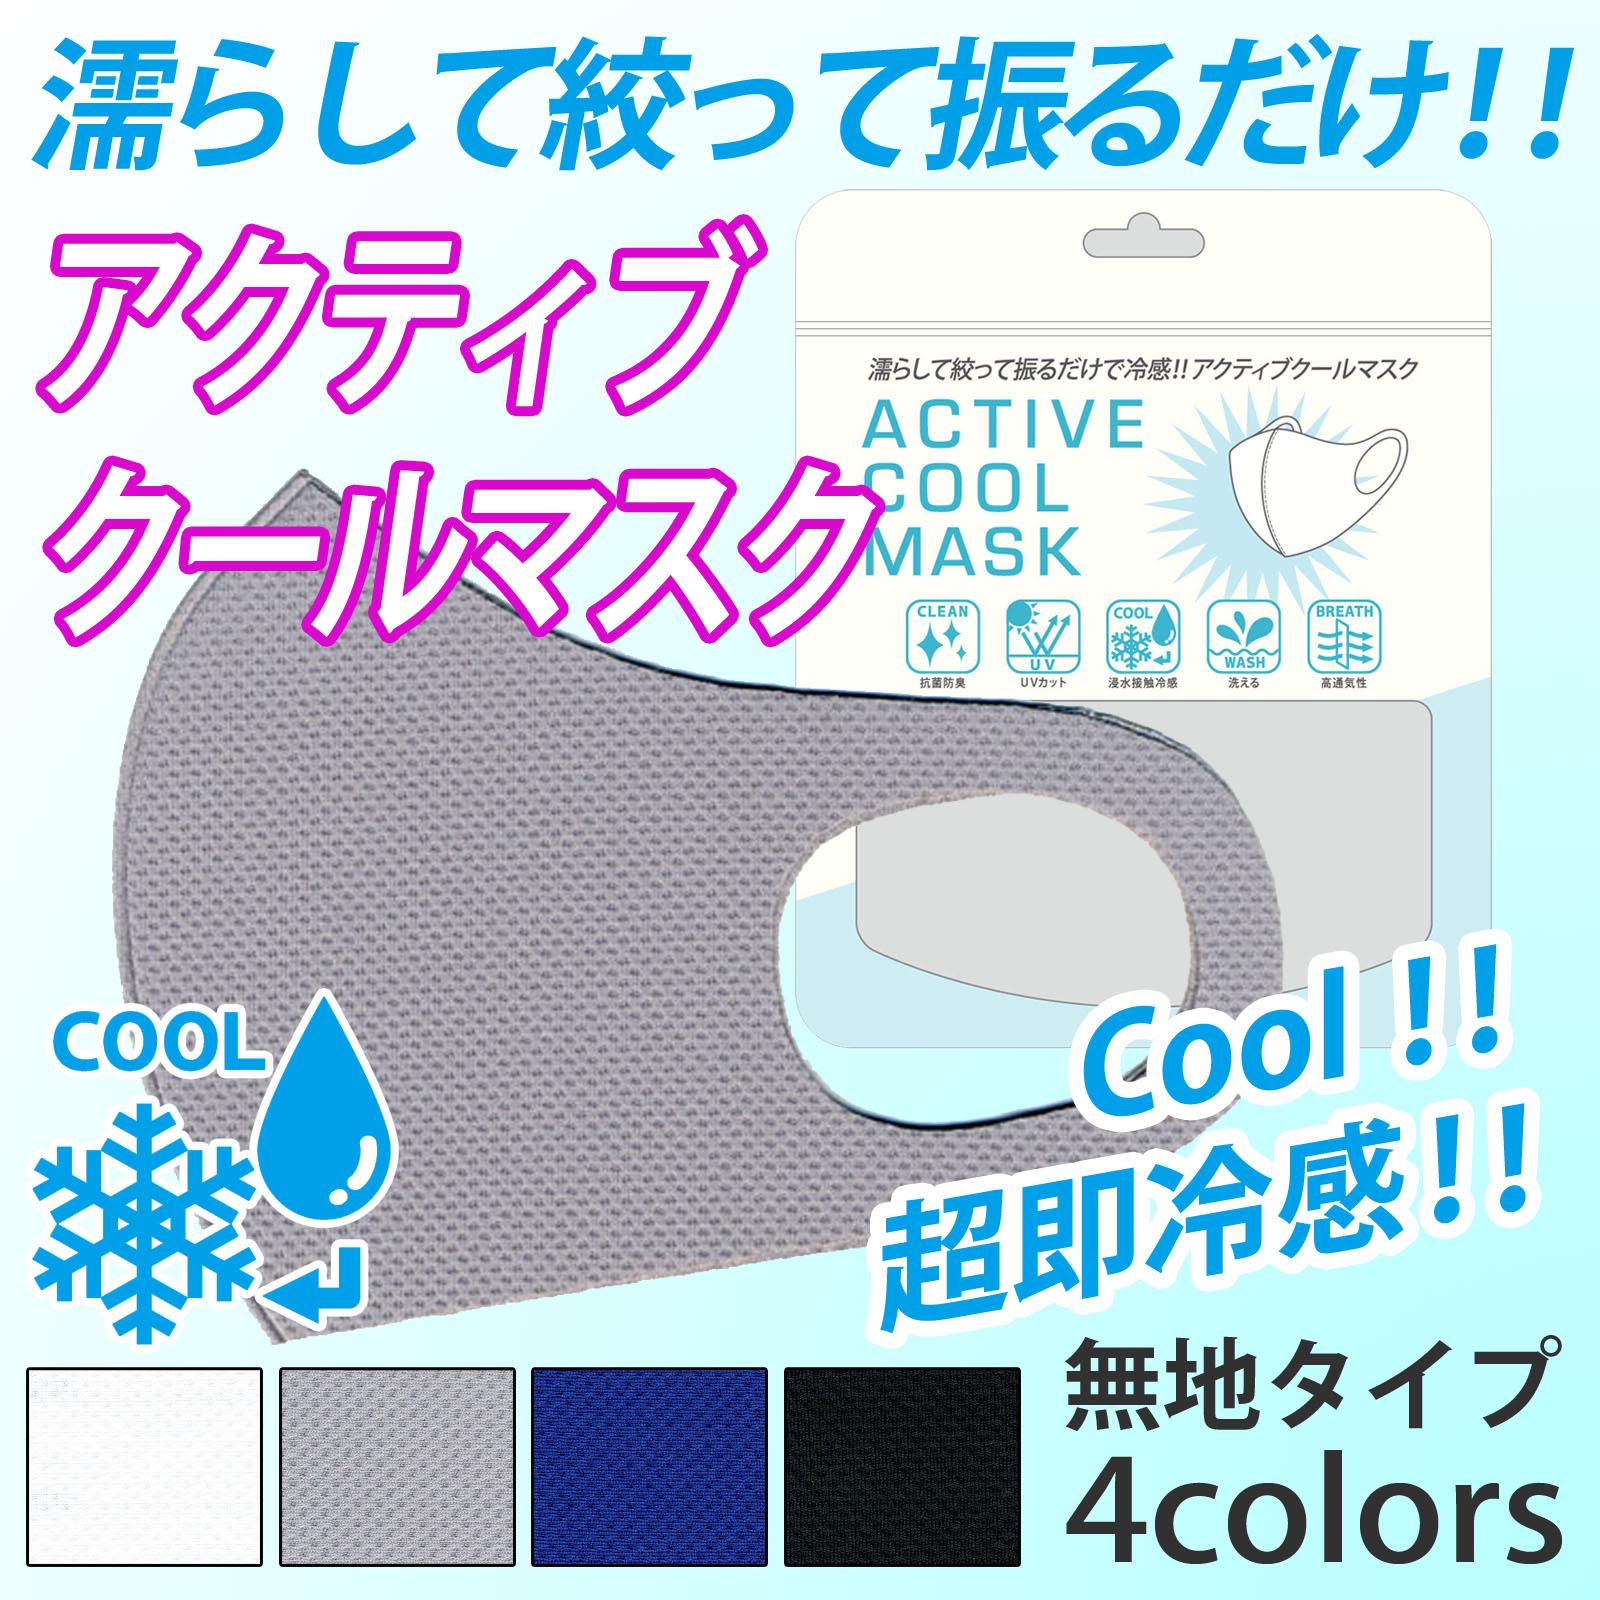 濡らして振るだけで超冷感!アクティブクールマスク《無地》 ひんやり マスク クール素材 熱中症対策